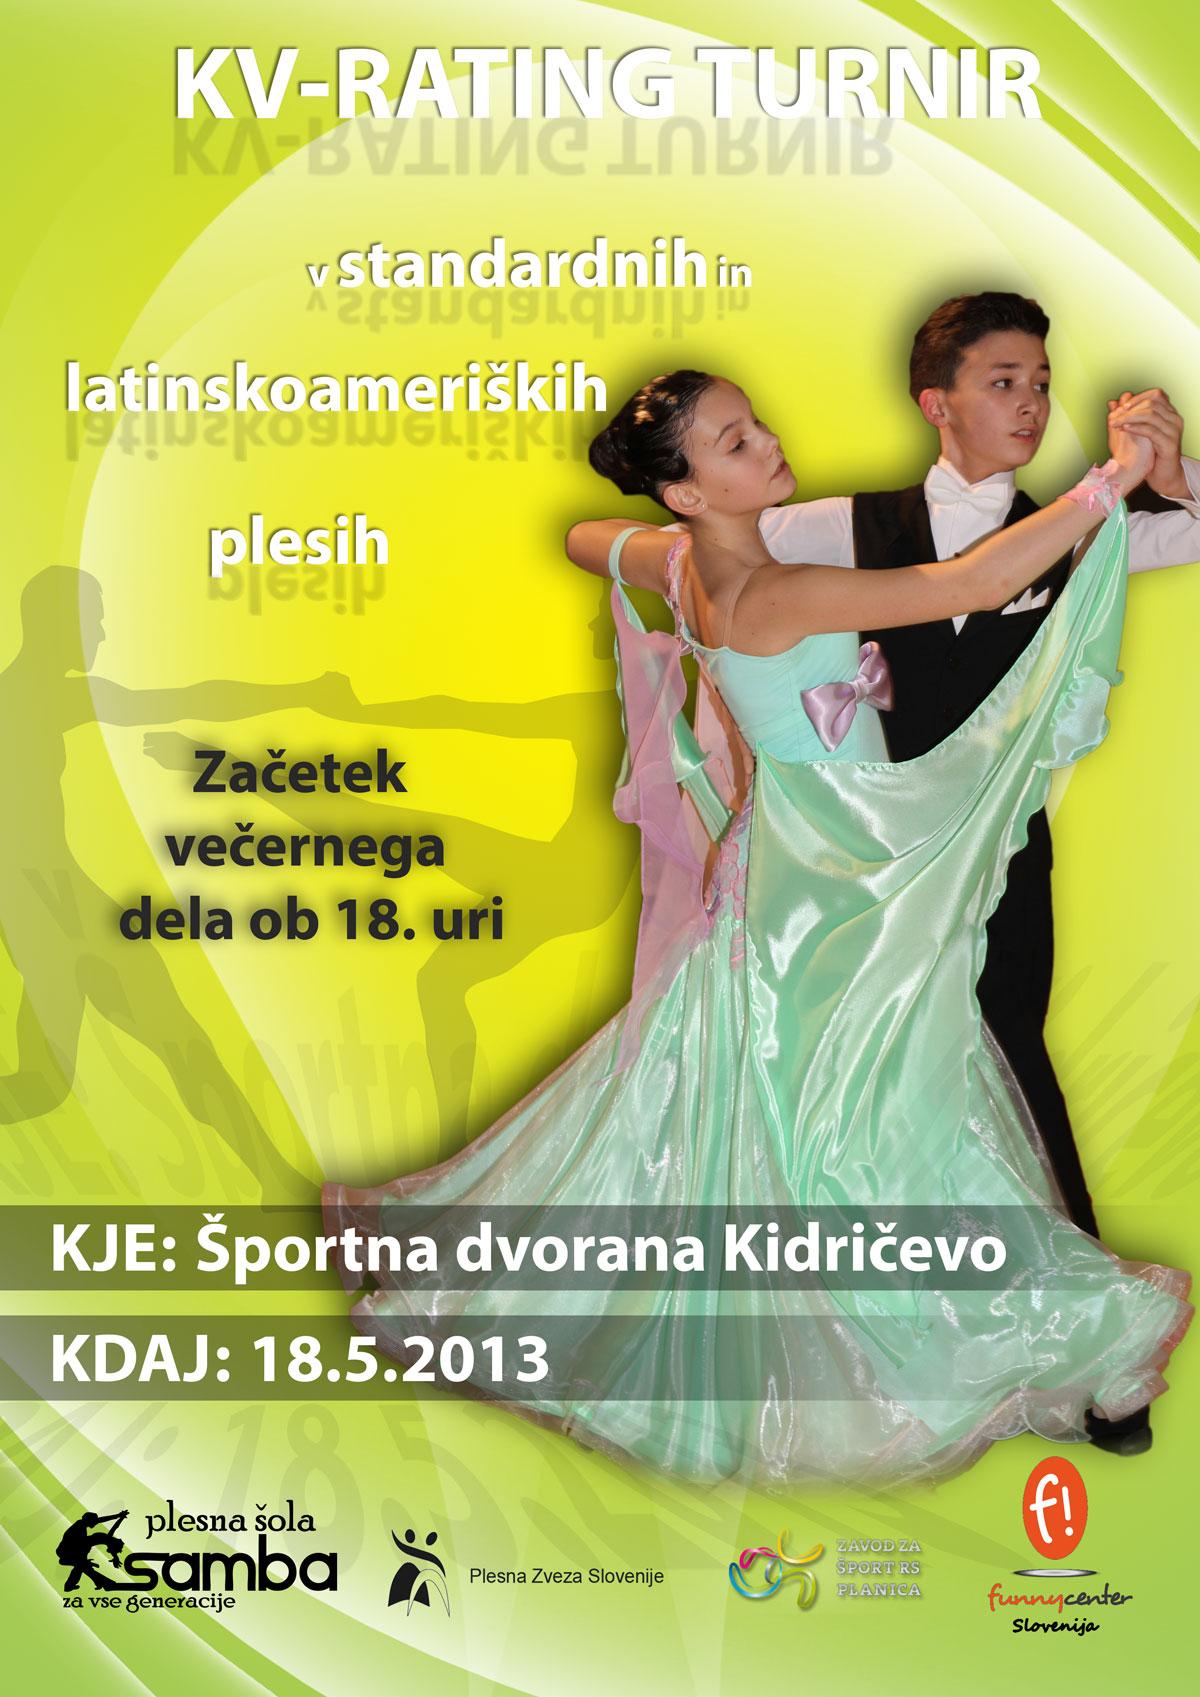 KV-Turnir plakat 1